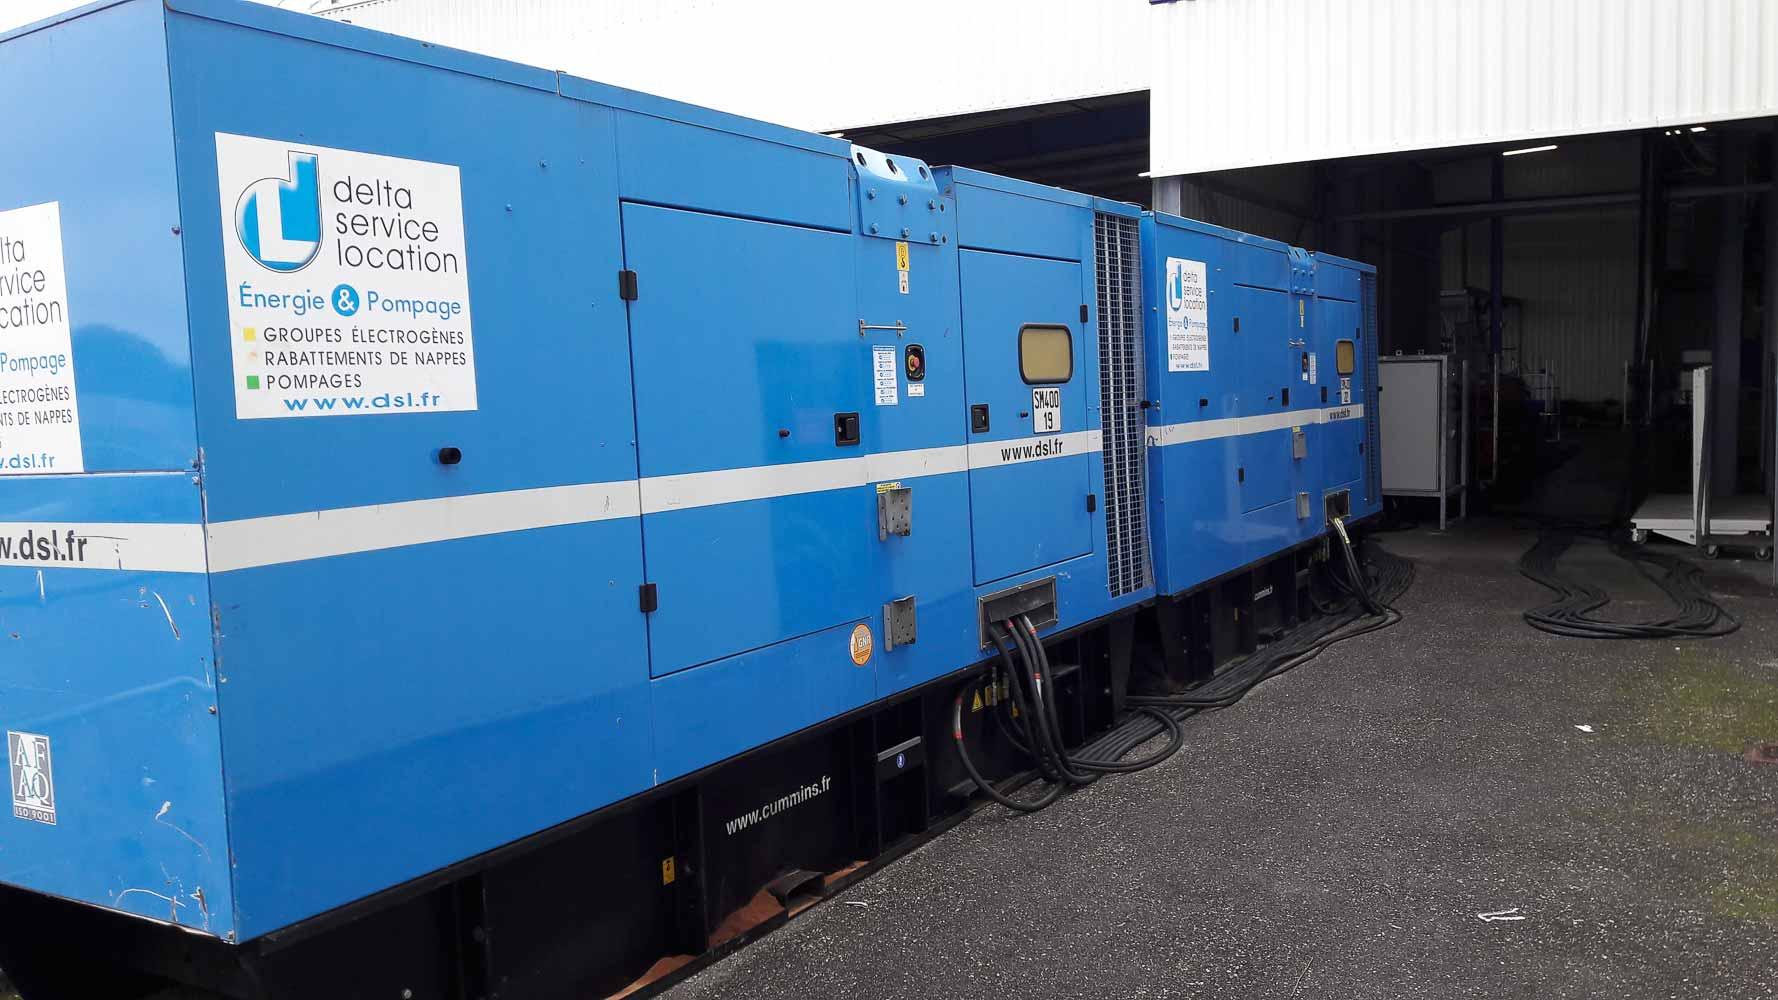 2 groupes électrogènes 500 kVA et une armoire TGBT 3200 A